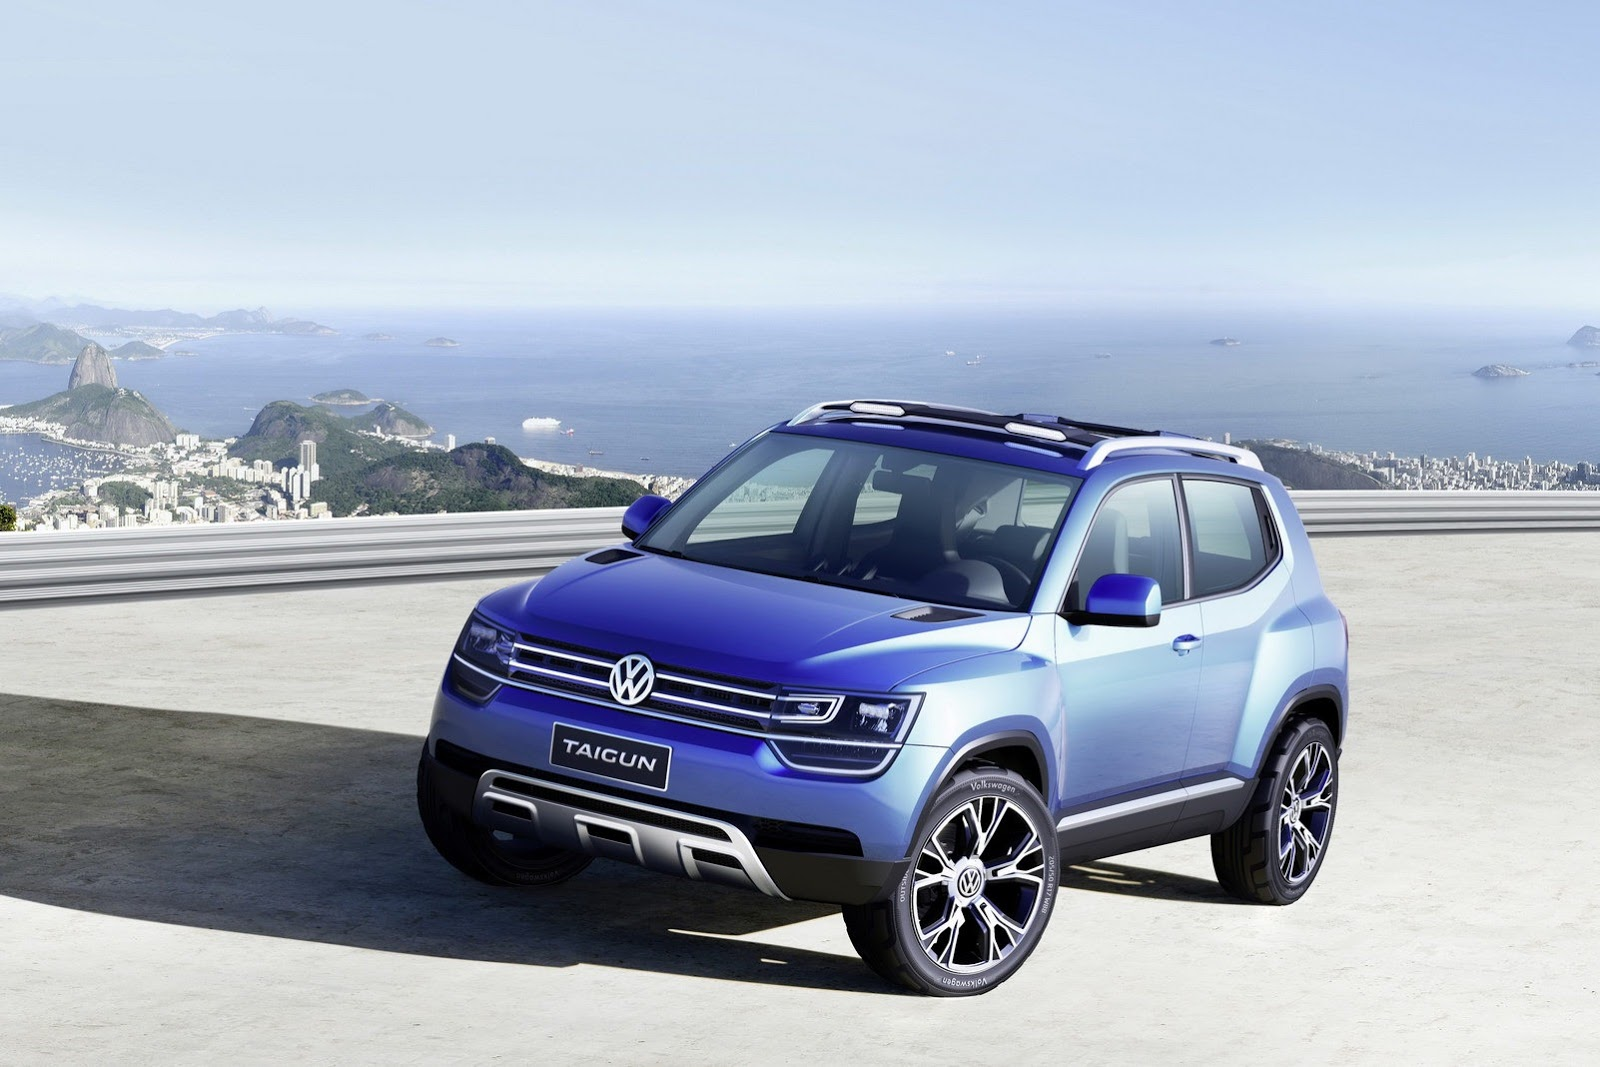 Volkswagen-Taigun-